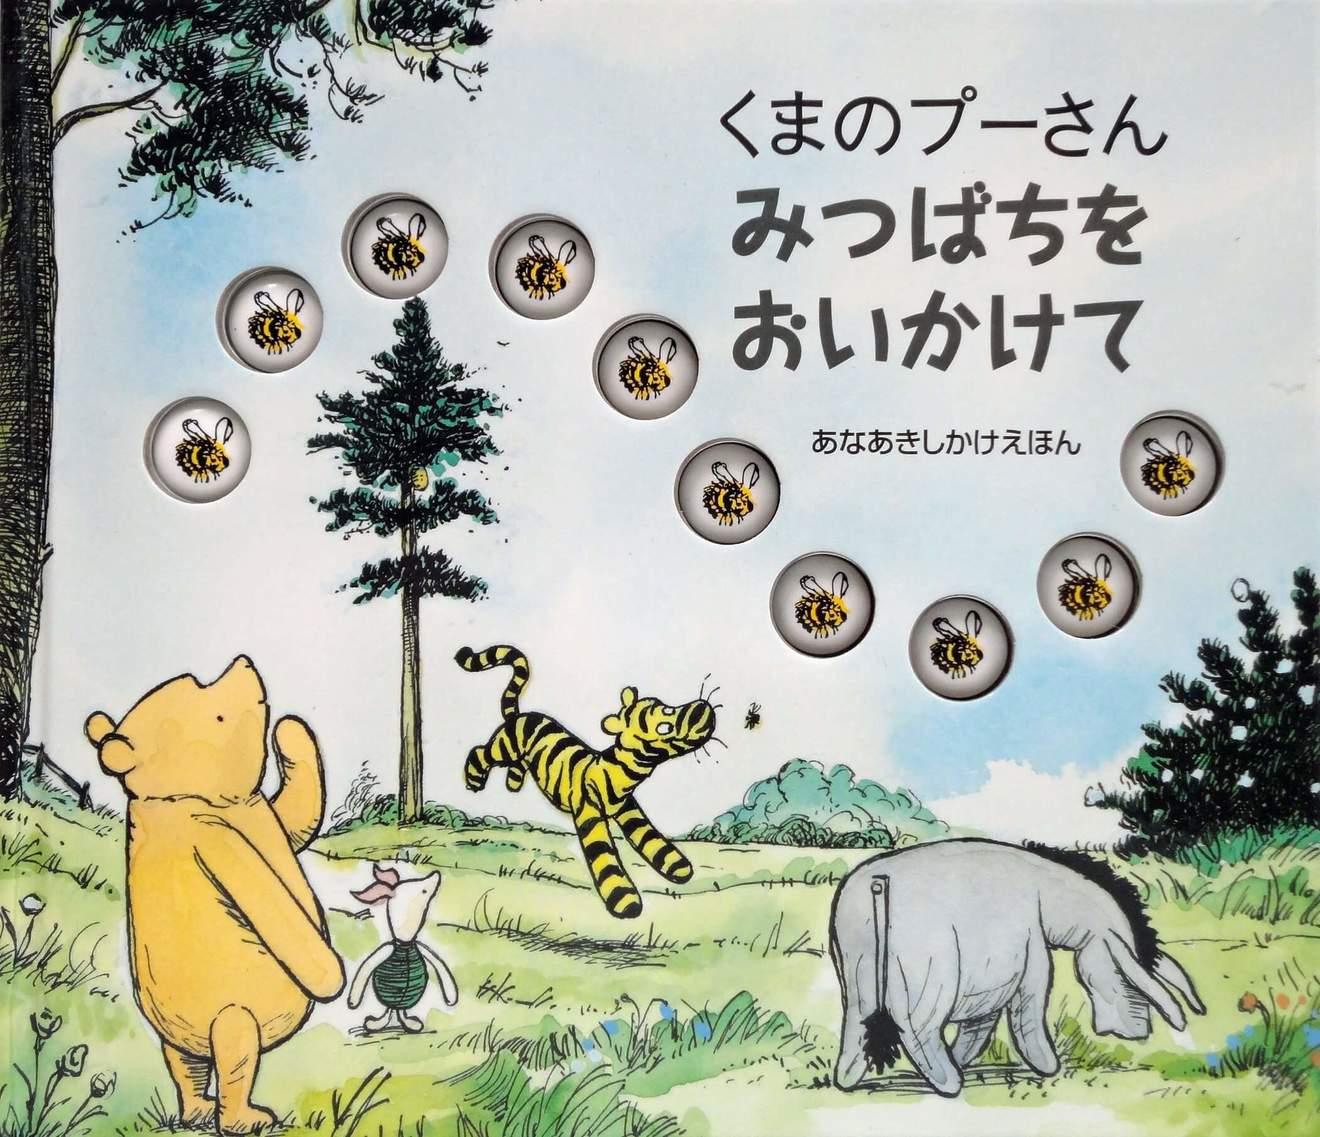 「クマのプーさん」の本おすすめ5選!絵本から装丁の綺麗な愛蔵版まで